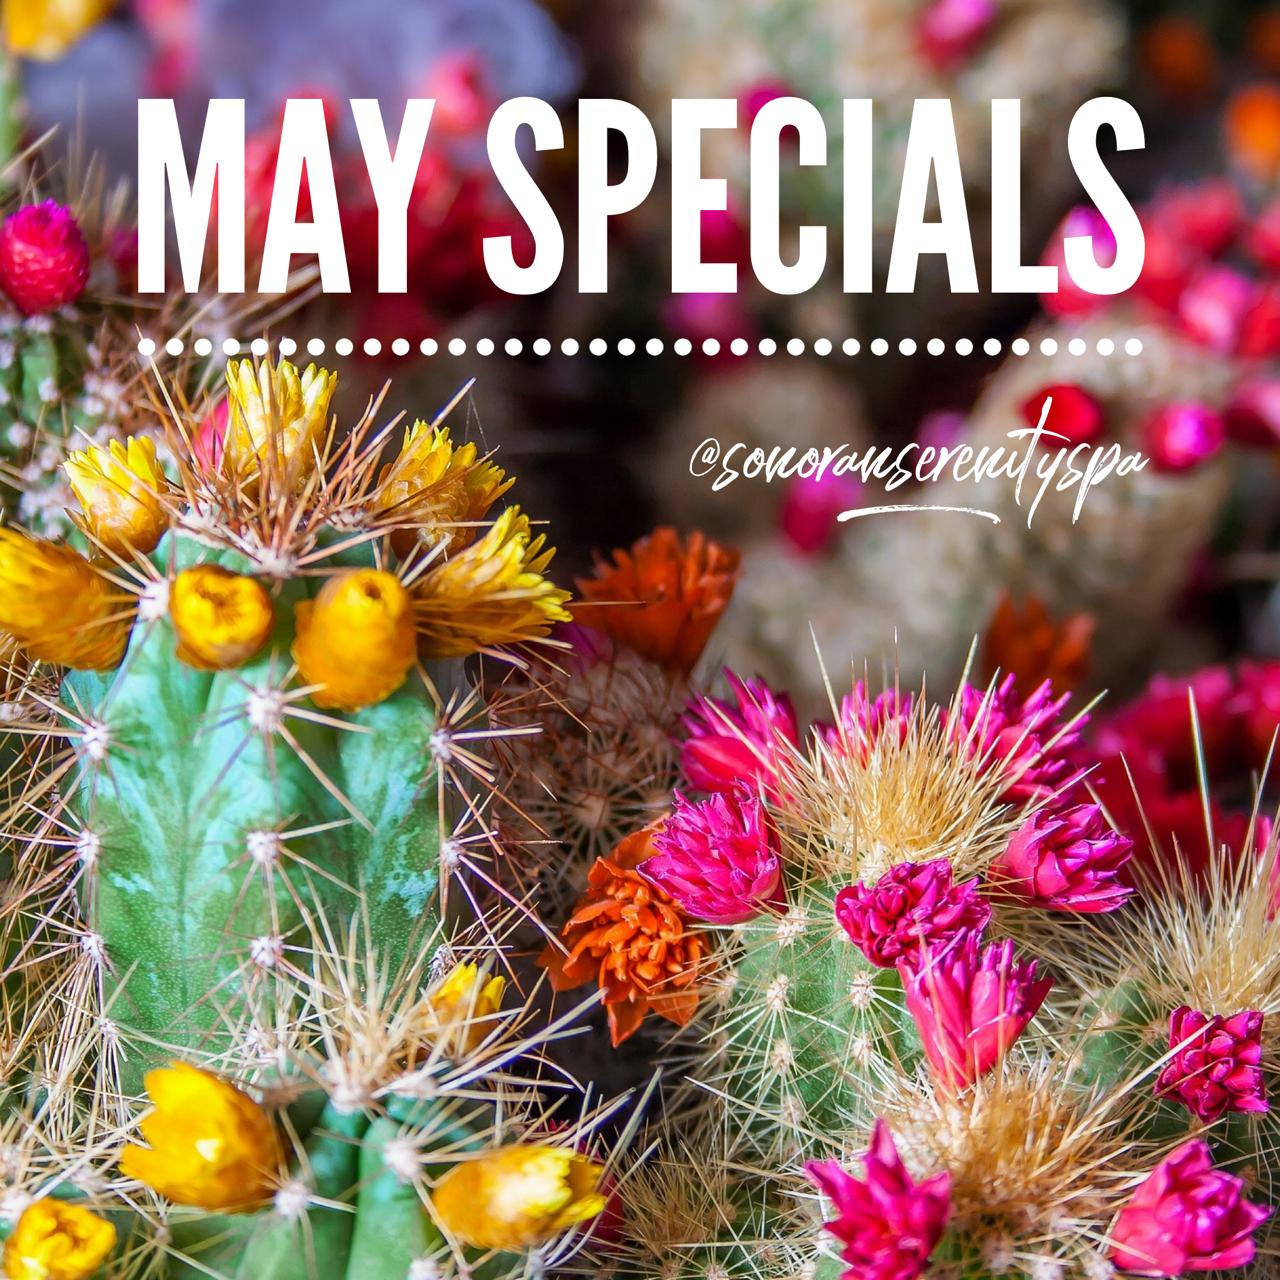 mayspecials.PNG